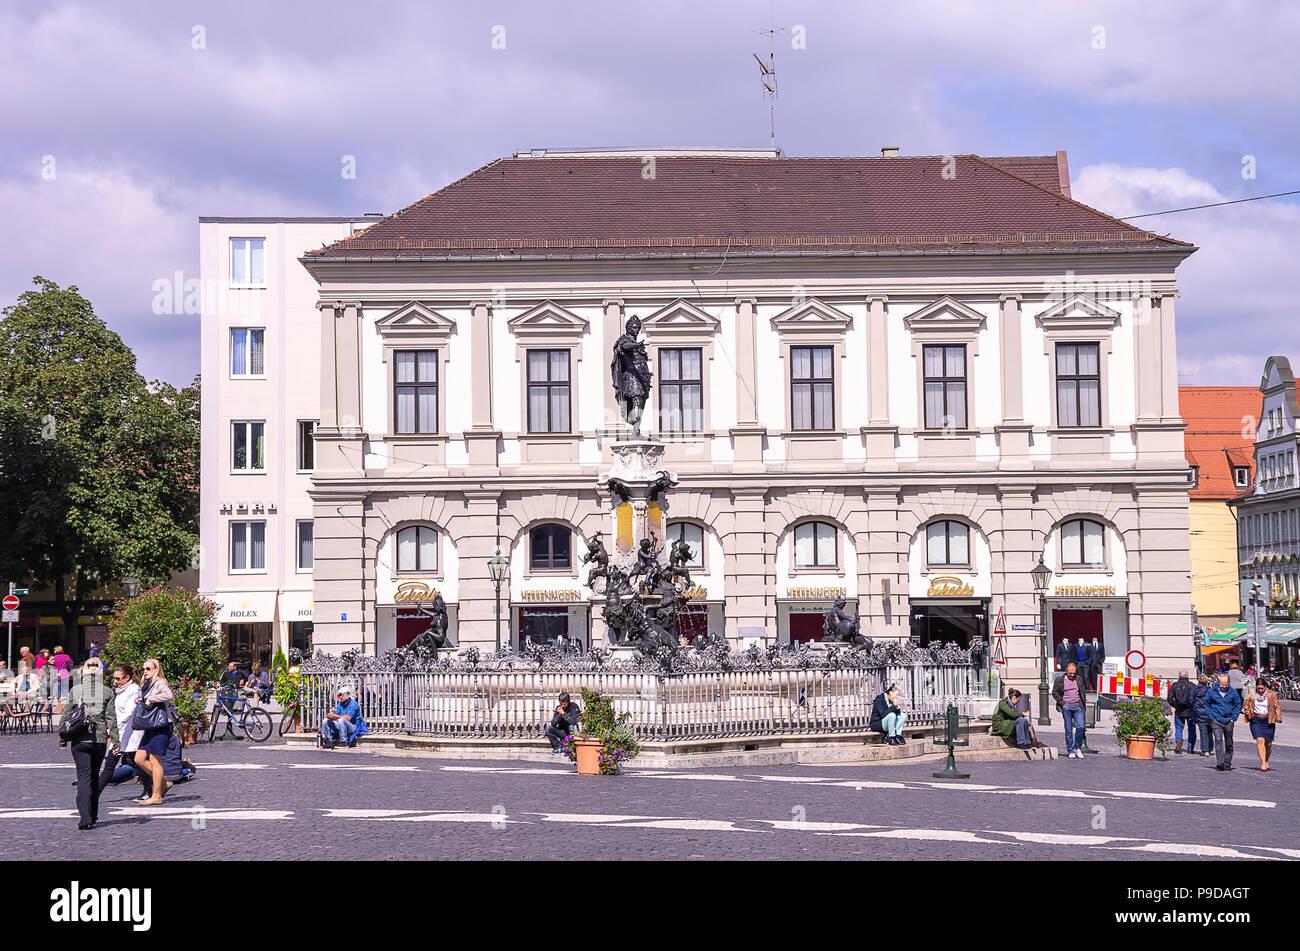 Augsburg, Bayern, Deutschland - Die Augustus Brunnen und dahinter die historische Architektur der Rathausplatz 8. Stockfoto